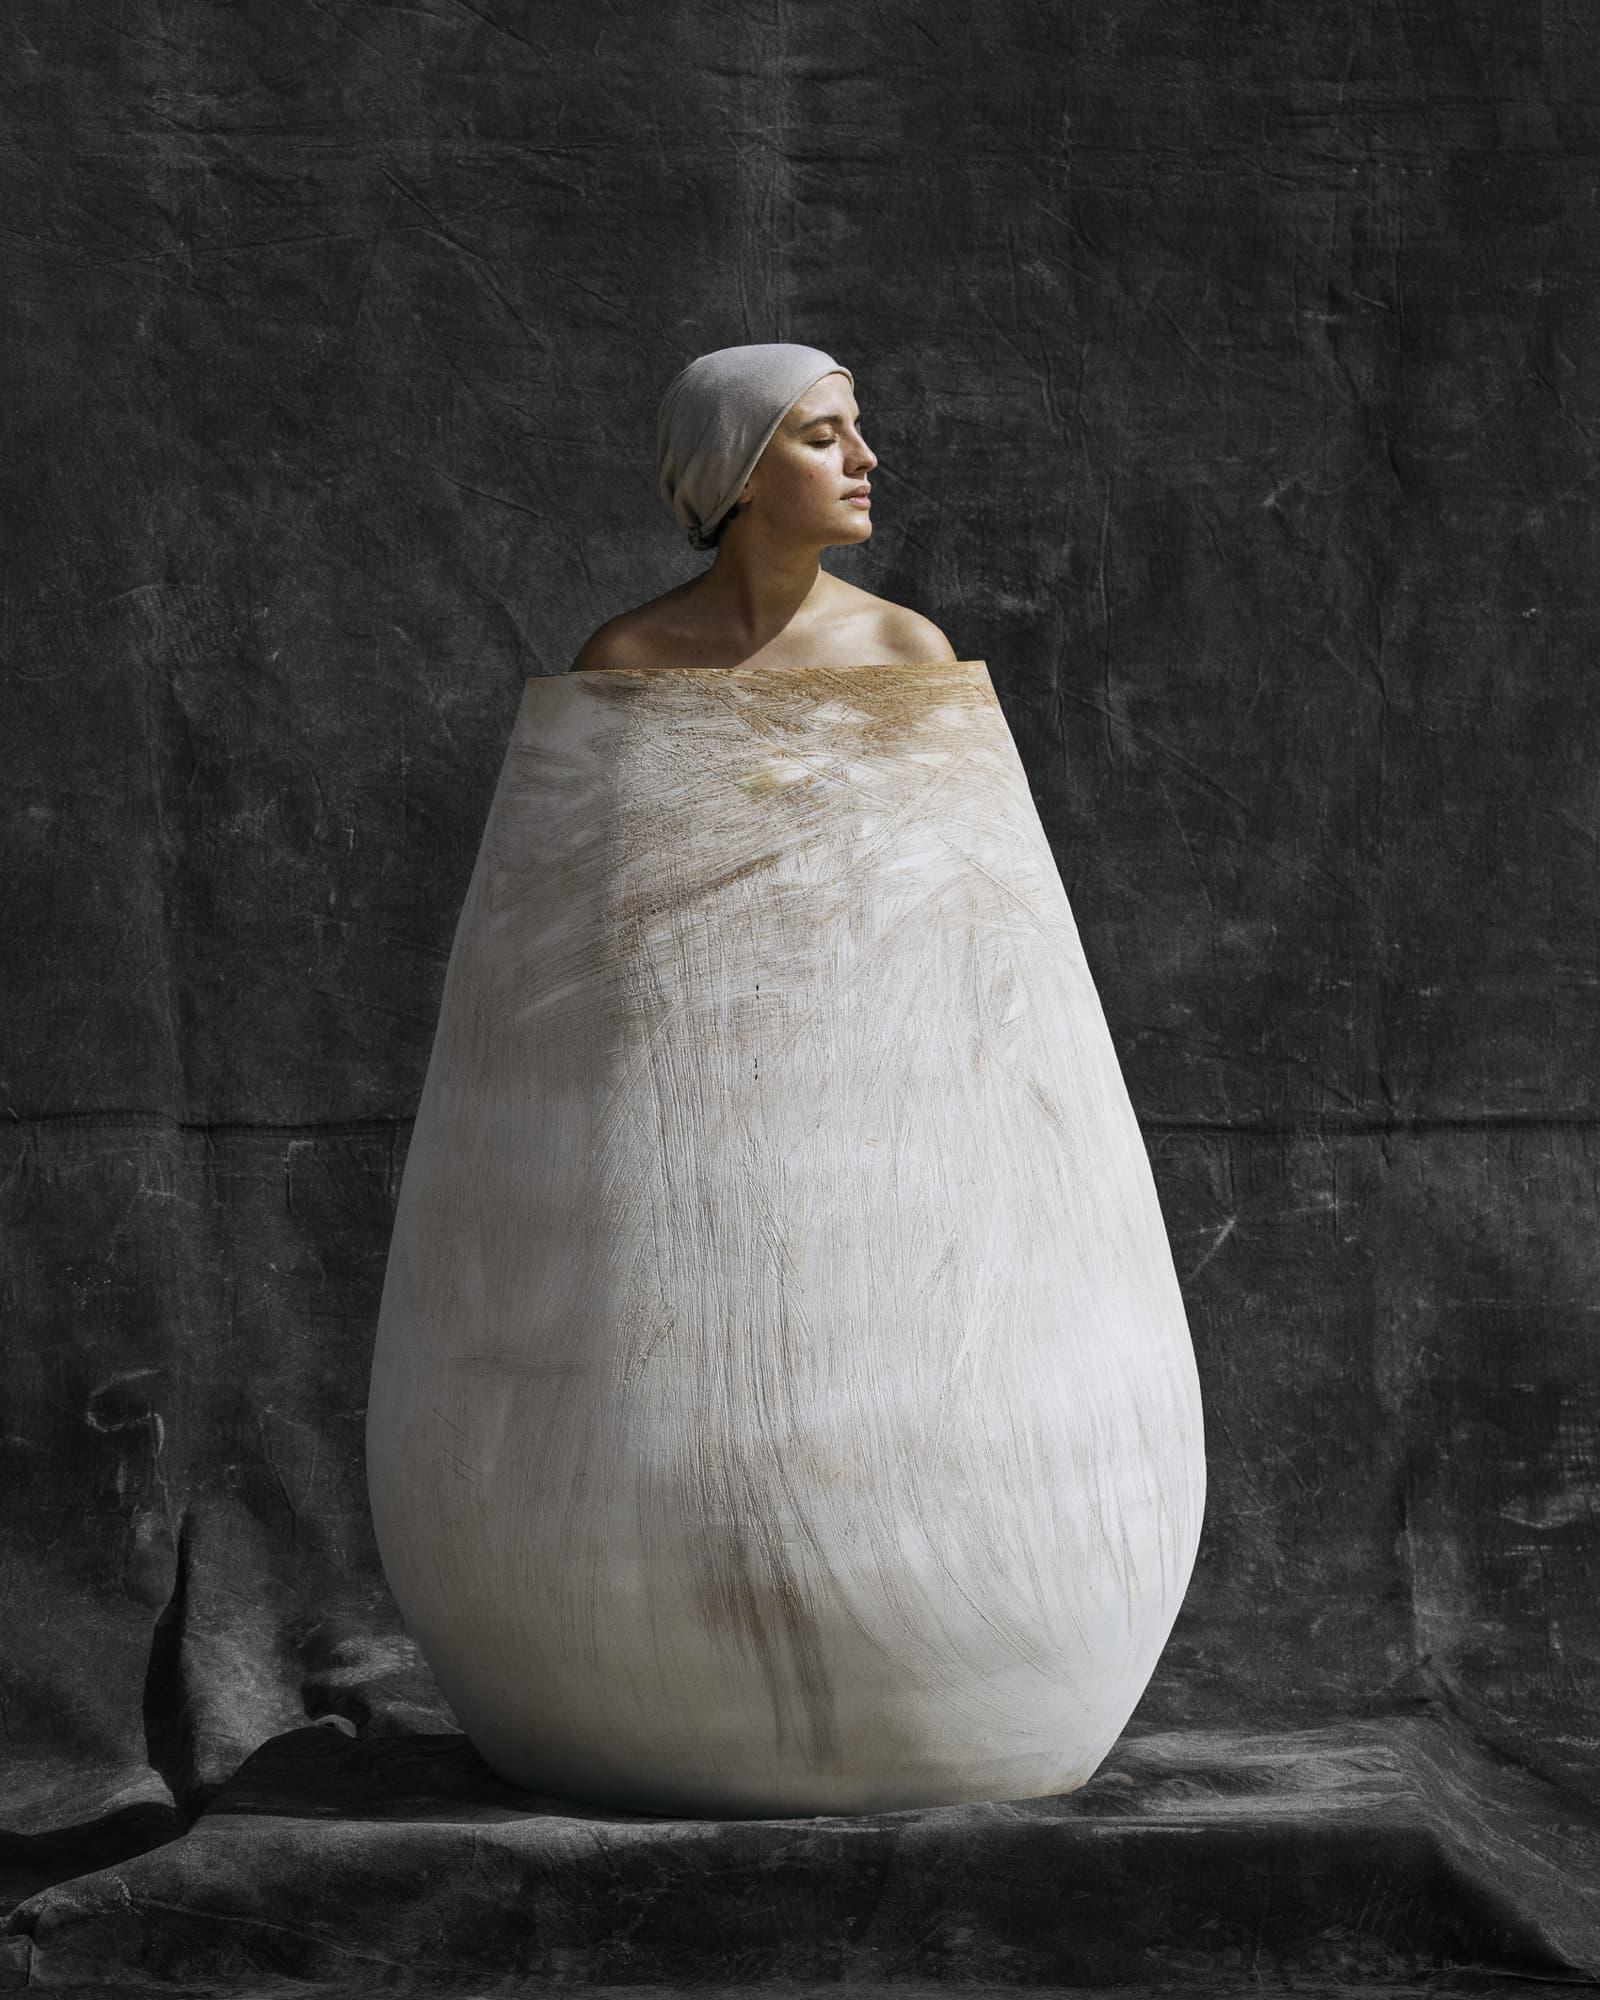 Κέντρο Σύγχρονης Τέχνης Ιλεάνα Τούντα